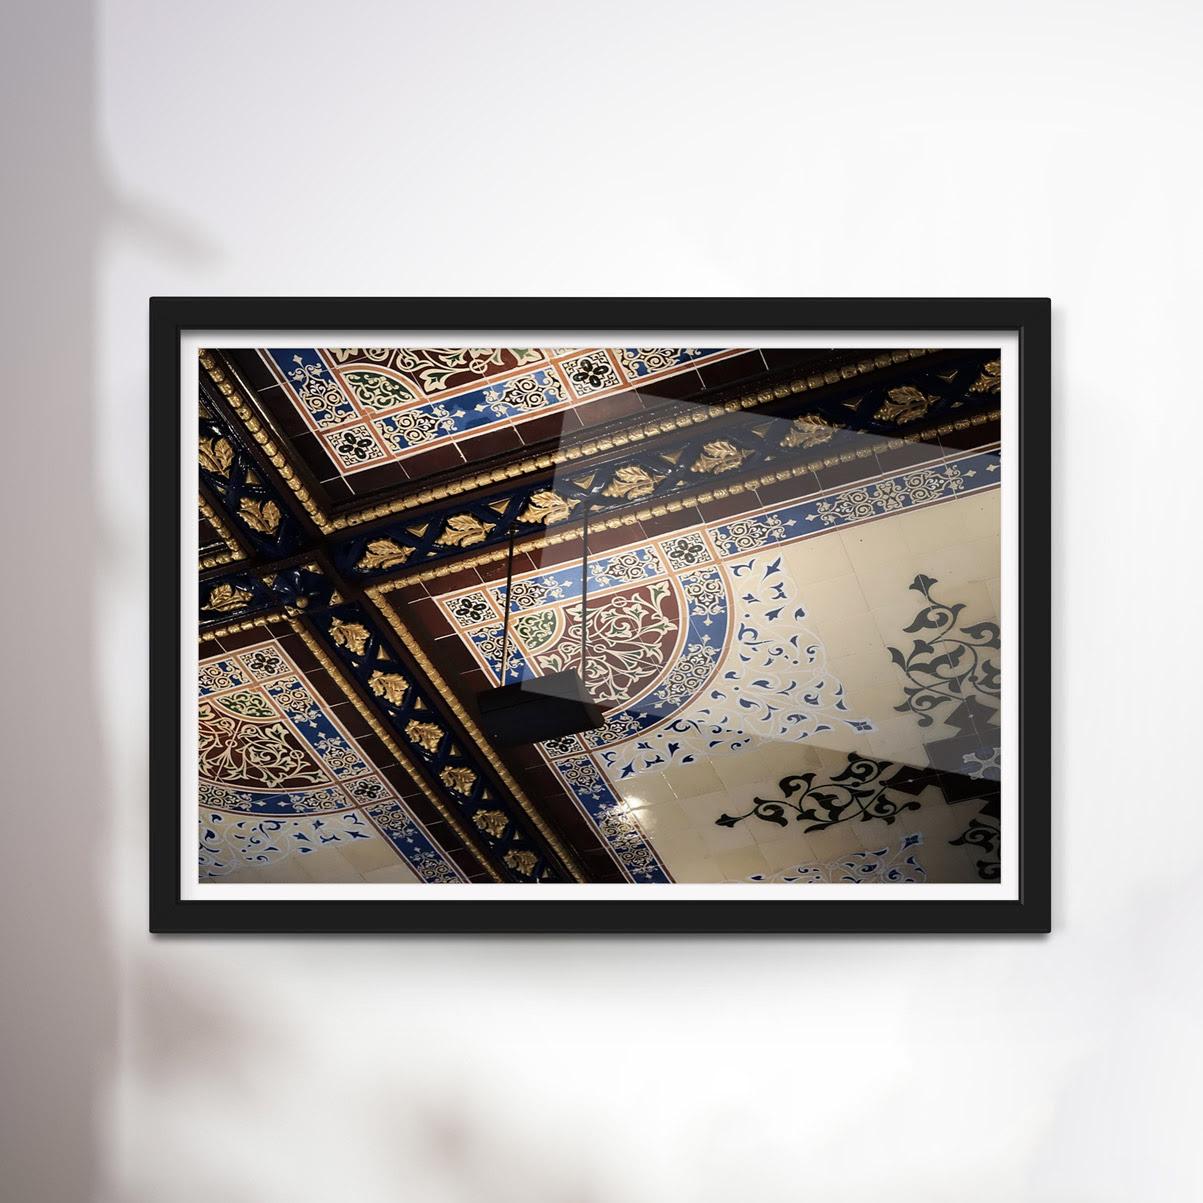 Jonathan Burnham Vi Framed Artefakt